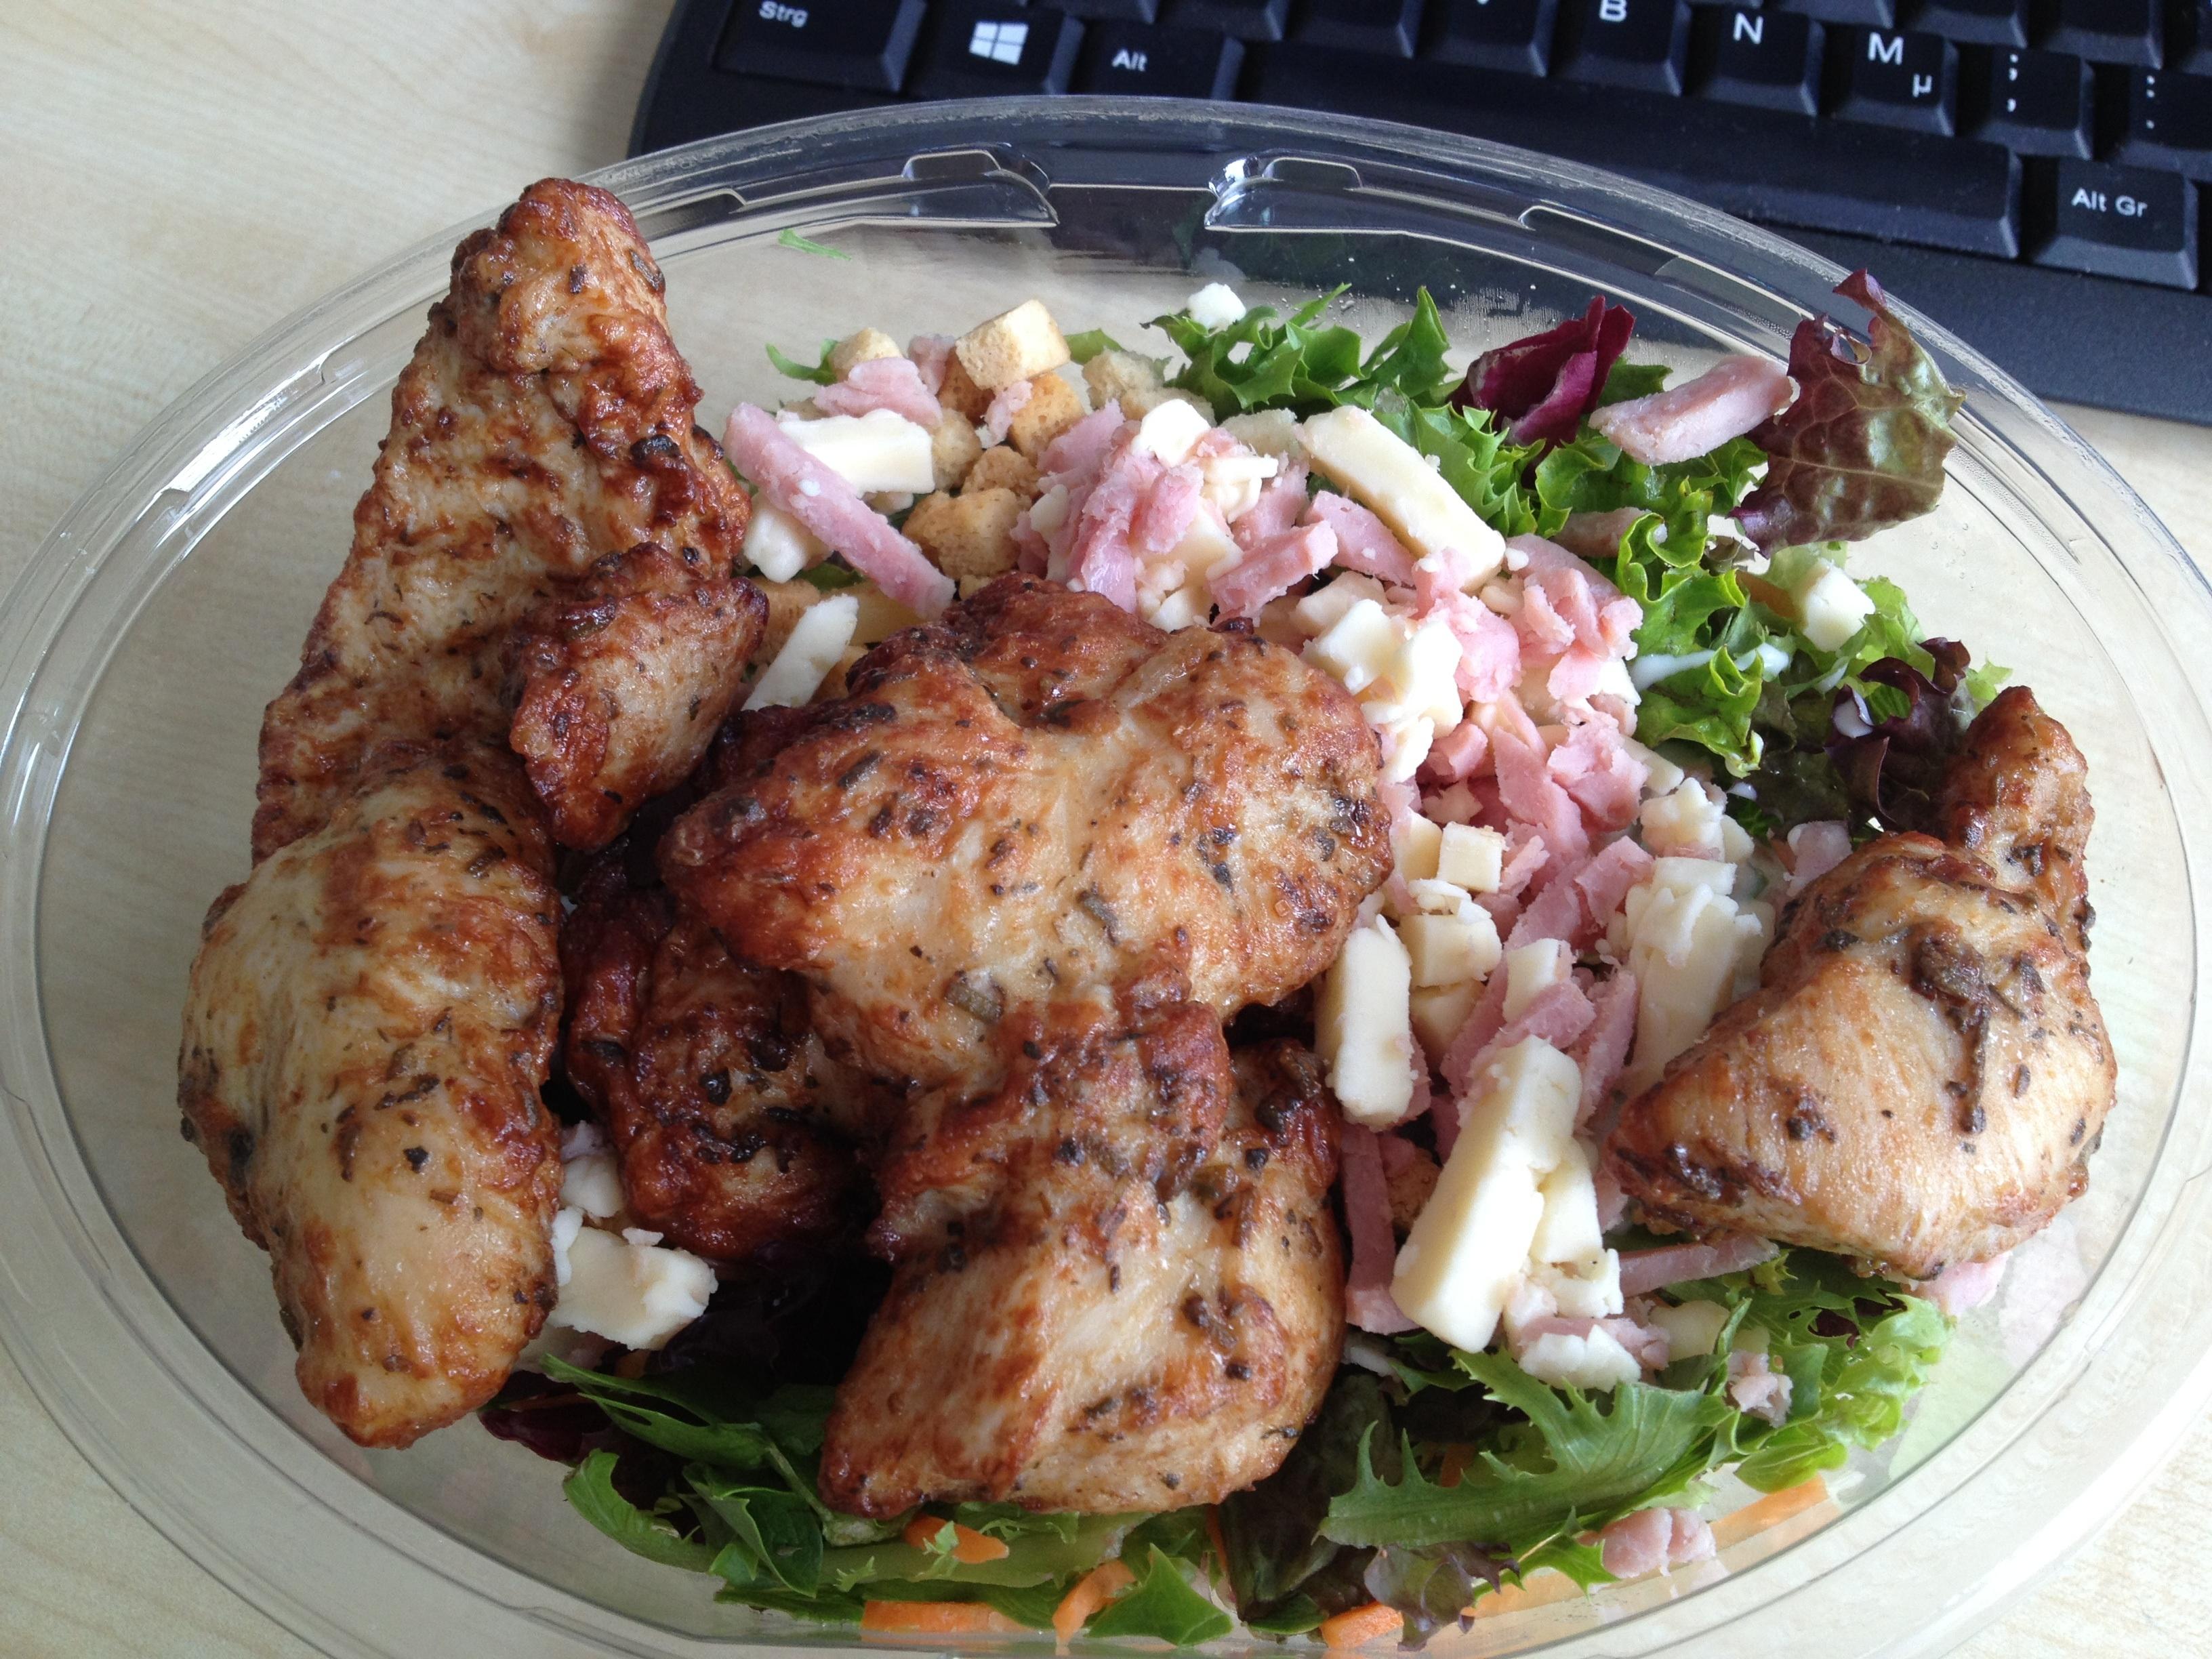 http://foodloader.net/BrollyLSSJ_2013-08-14_Trader_Joe_s_-_Frische_Salate_-_Kaese_&_Schinken_-_Haehnchenbrust-Filetstue.jpg